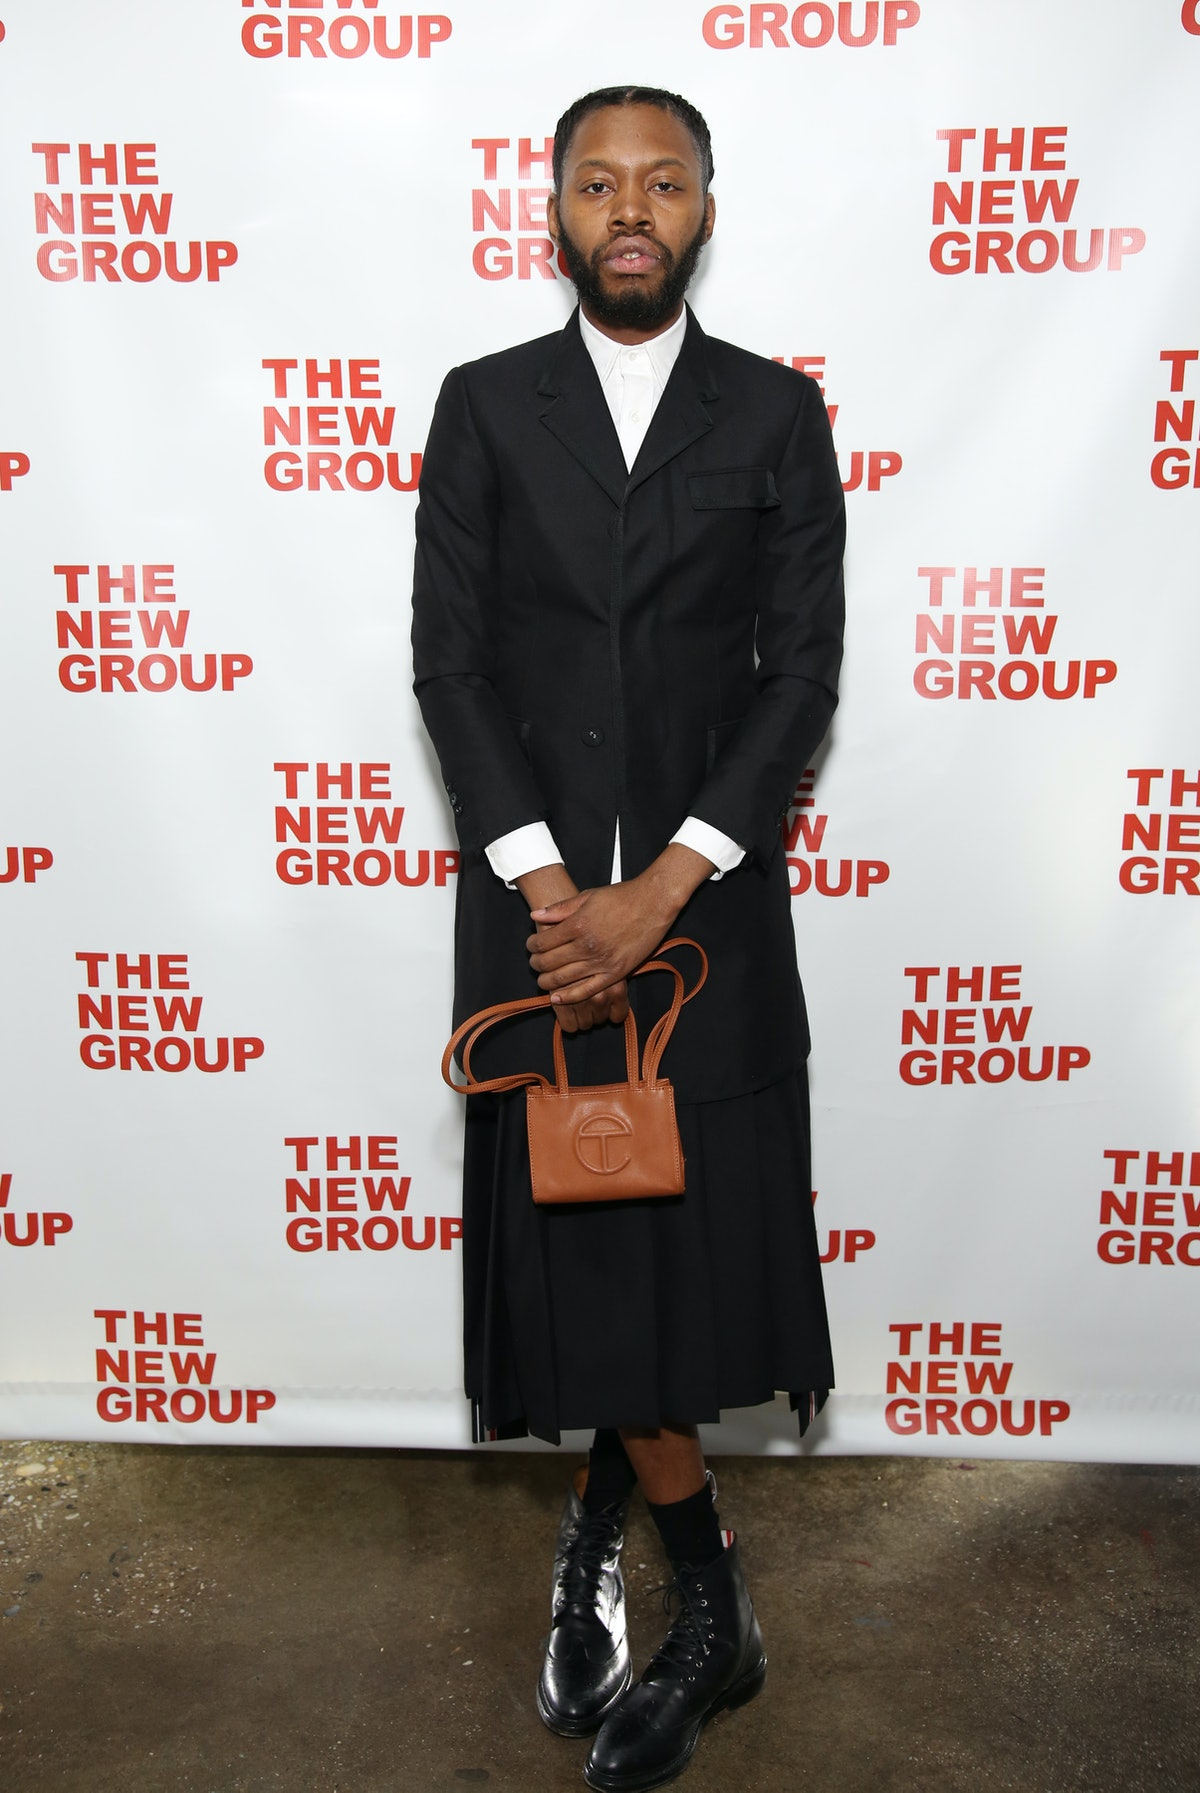 Jeremy O. Harris with a Telfar bag.